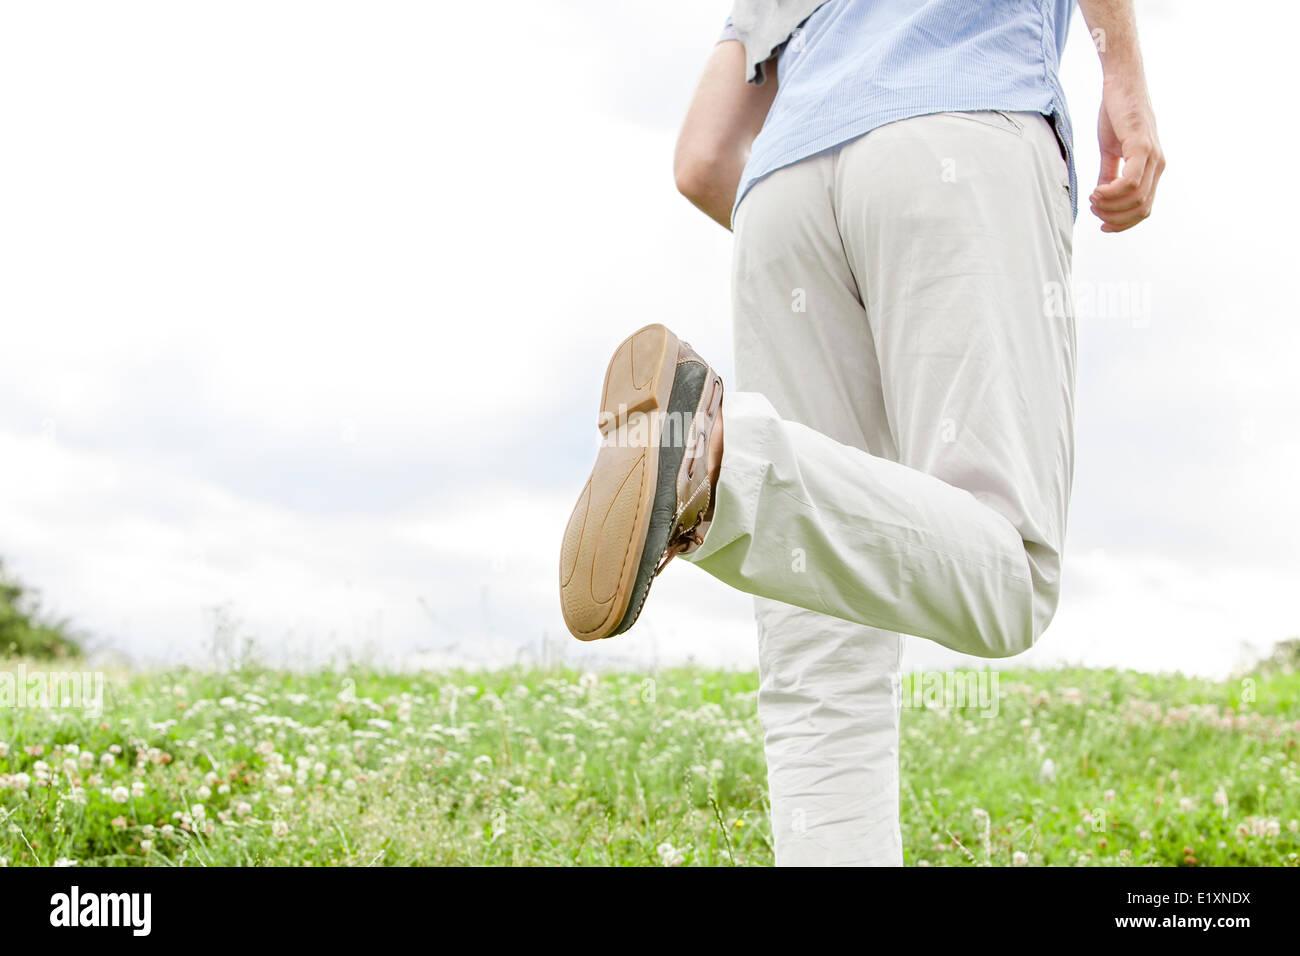 Immagine ritagliata dell uomo che corre nel parco contro sky Immagini Stock